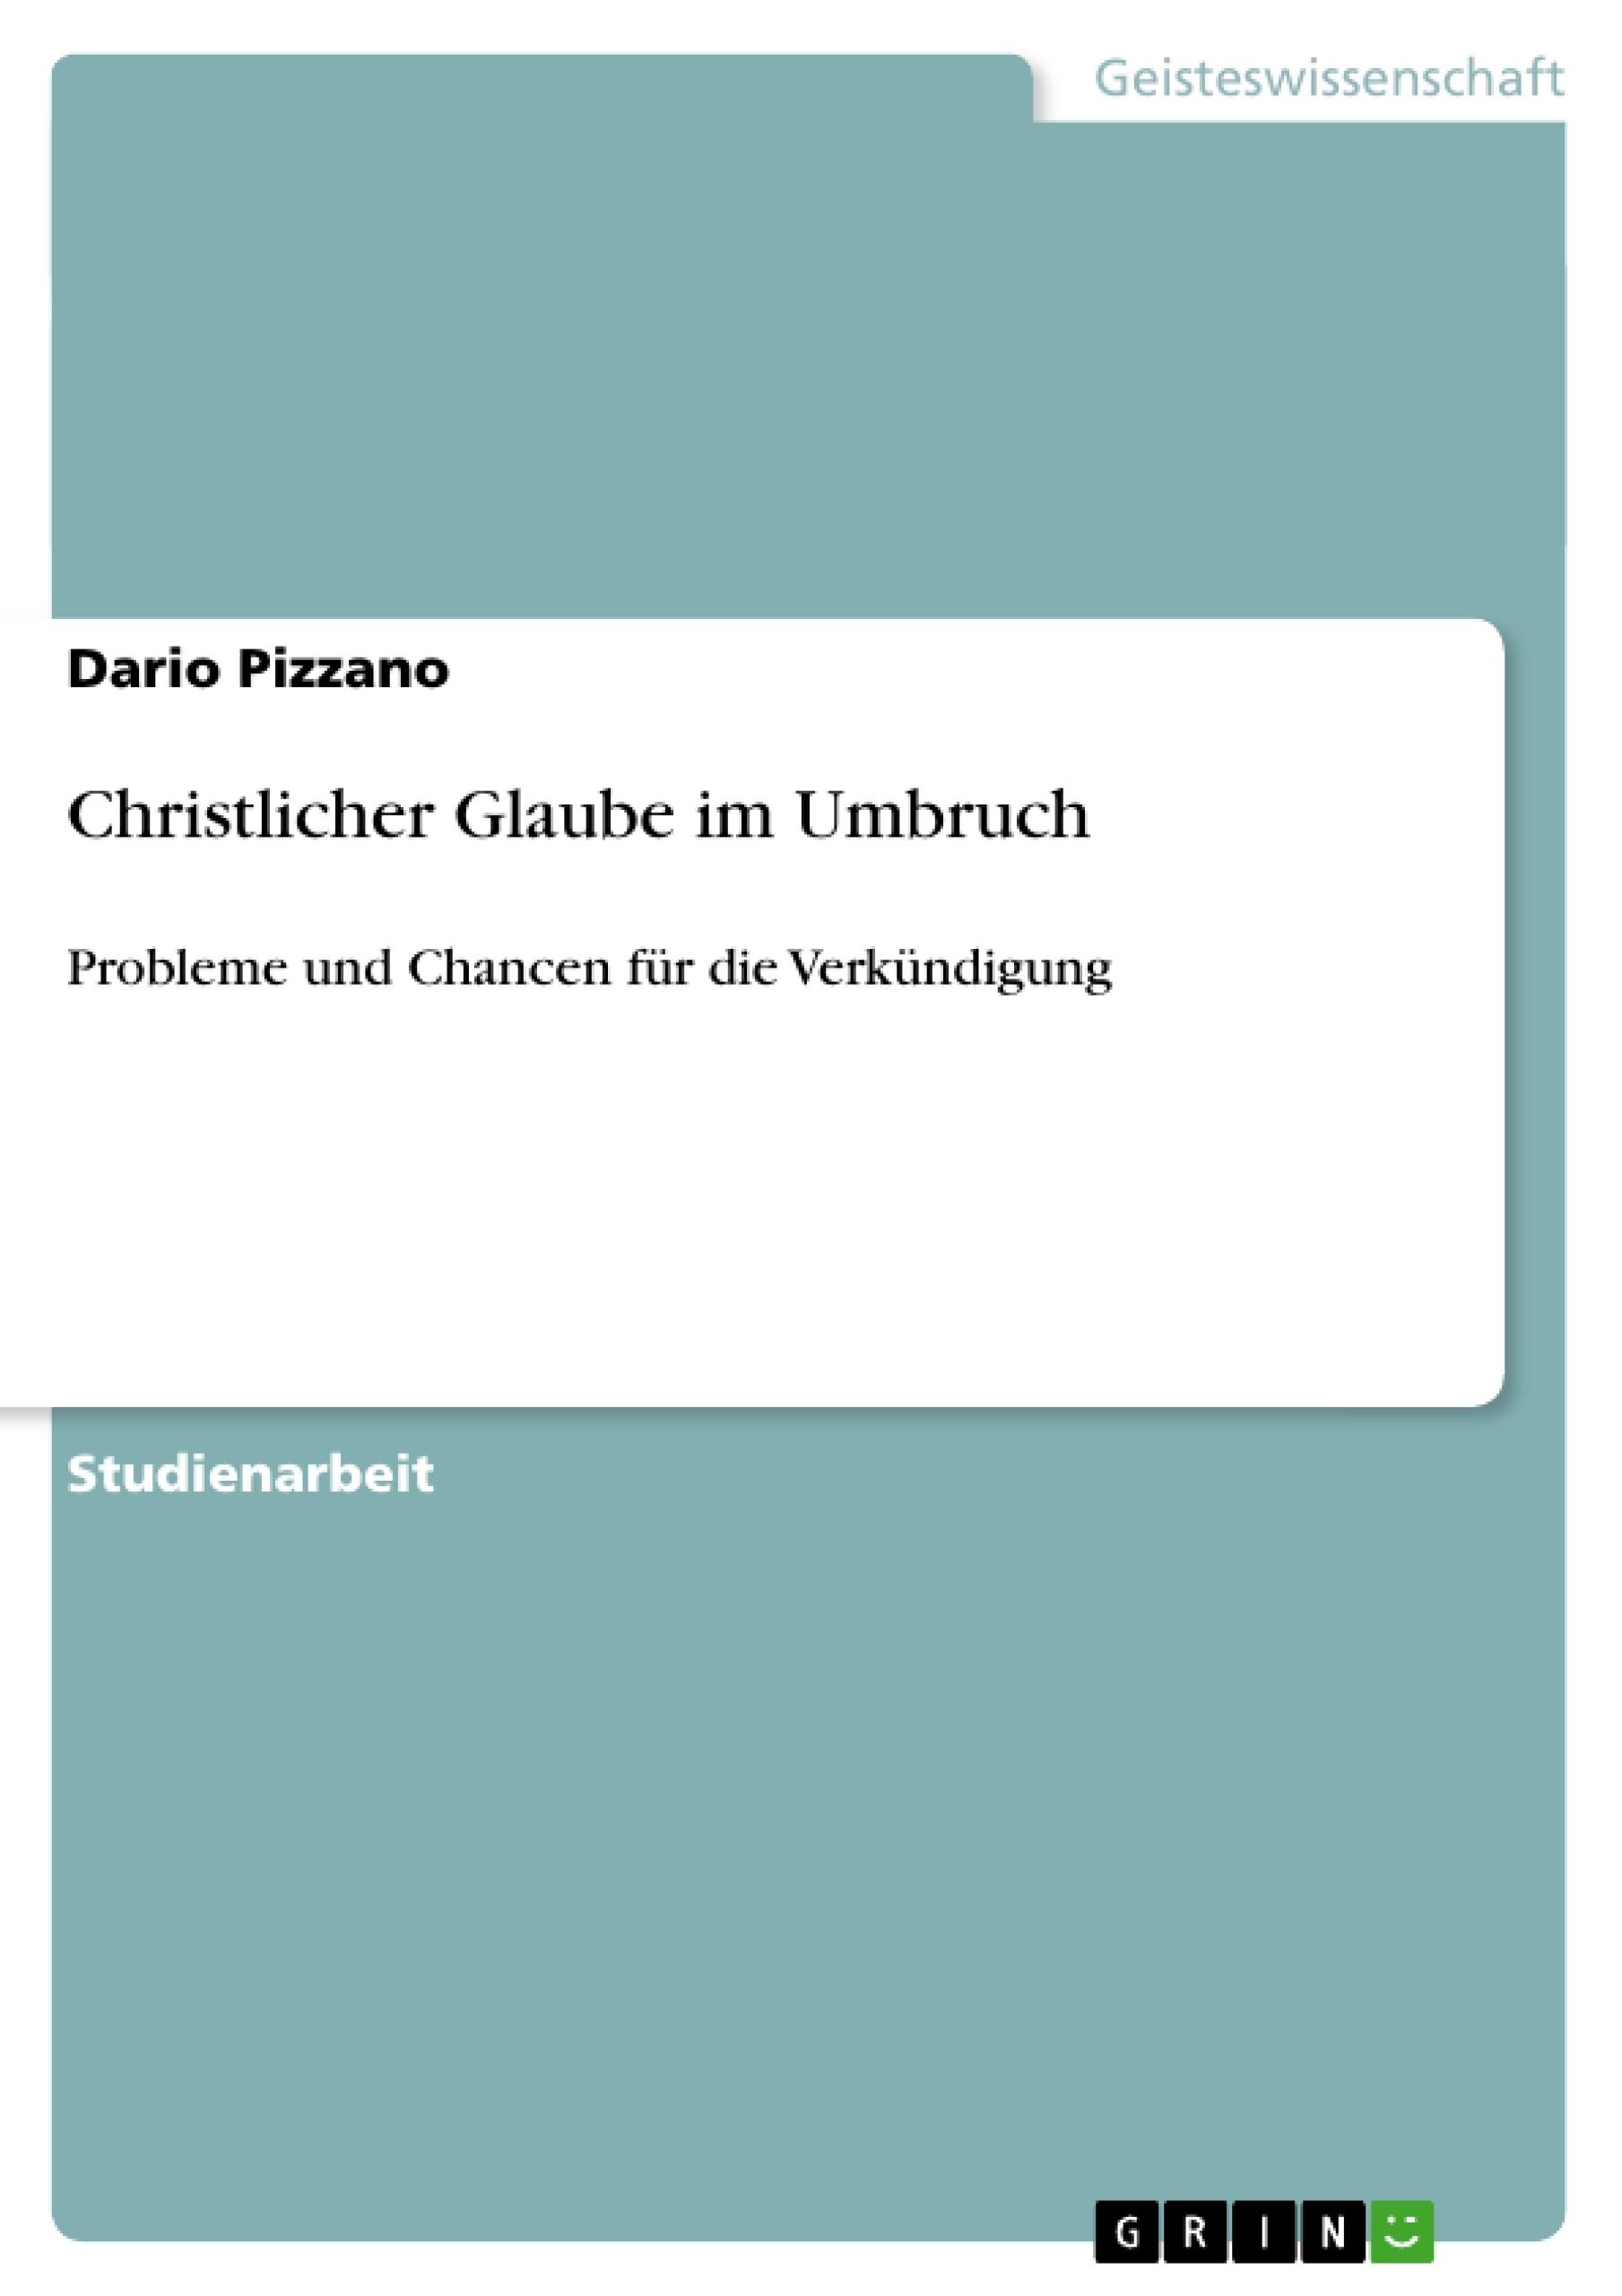 Titel: Christlicher Glaube im Umbruch